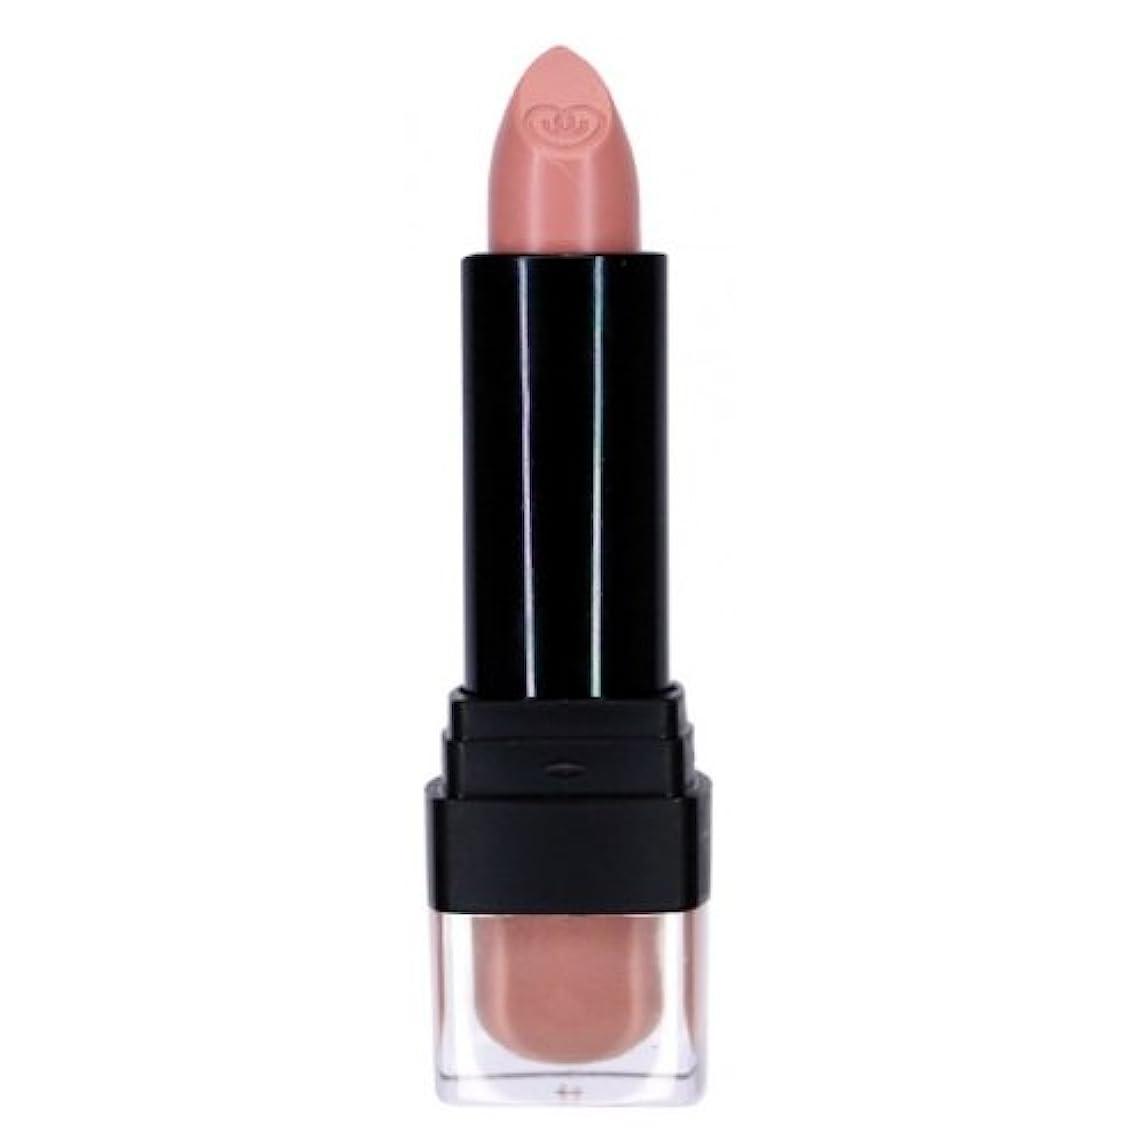 ラブ物理多様なCITY COLOR City Chick Lipstick - Kiss Me Softly (並行輸入品)